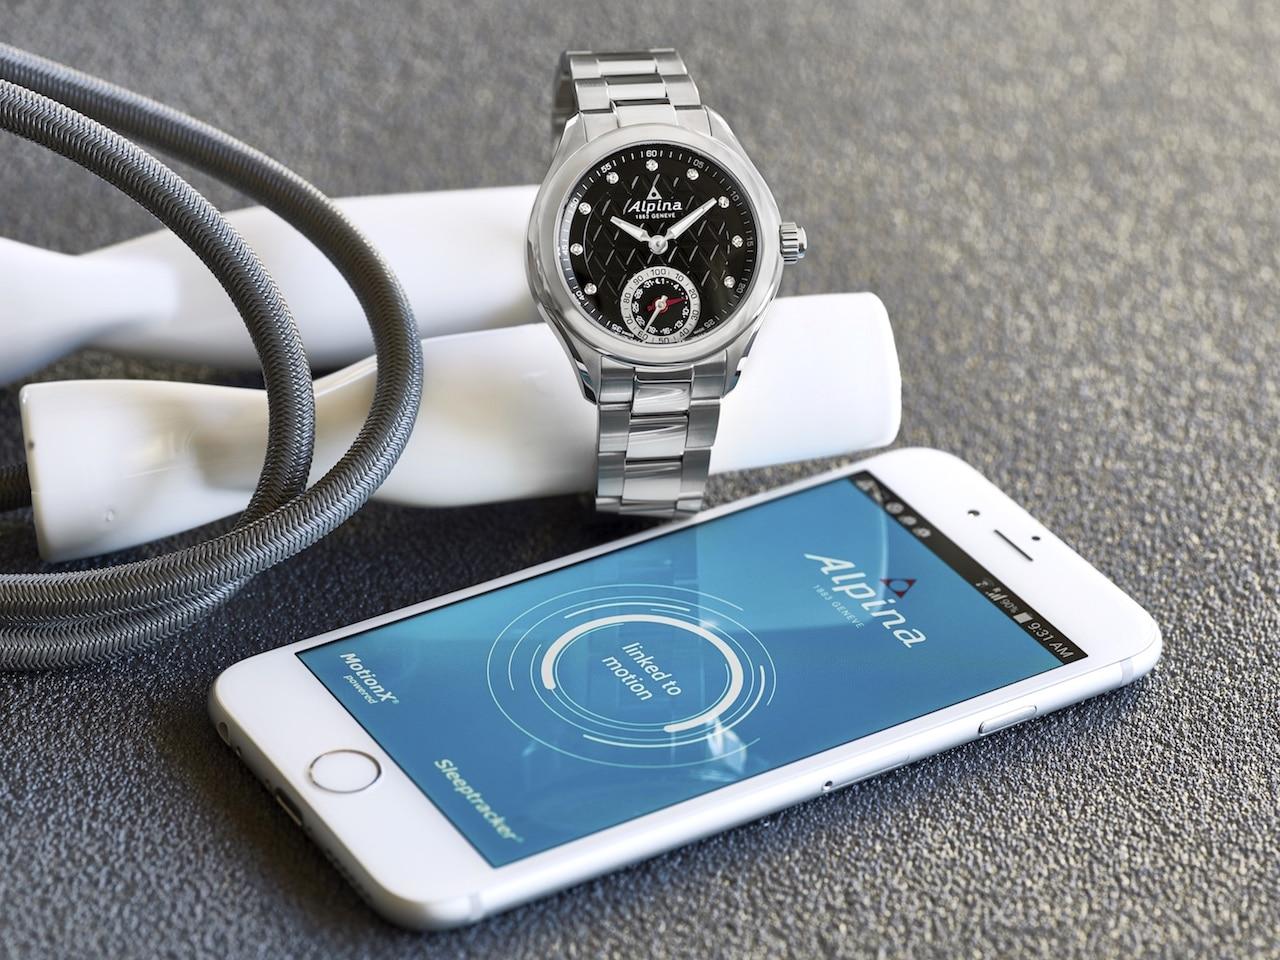 Algunas marcas de relojes suizos ya están probando diferentes formas de ingresar al mercado de los smartwatches.